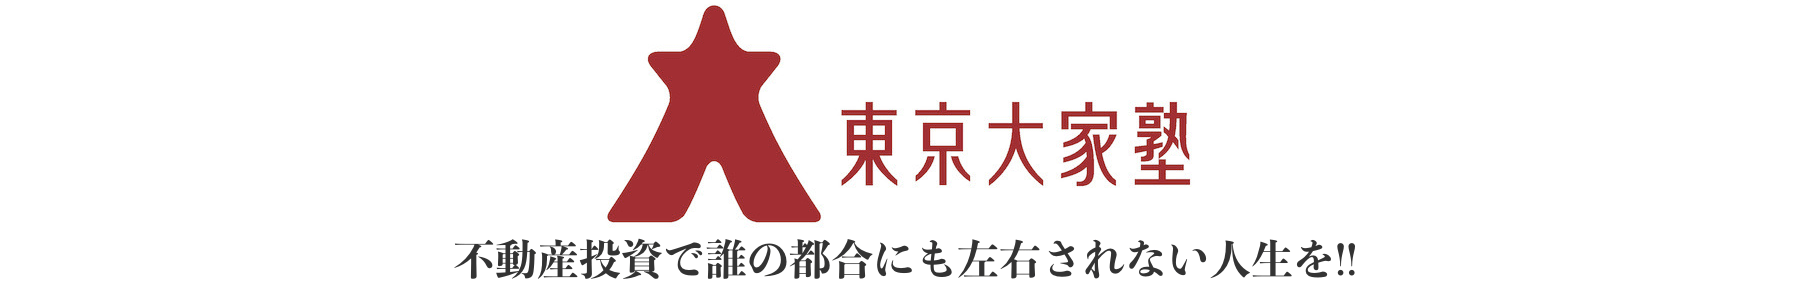 東京大家塾 | 不動産投資で誰の都合にも左右されない人生を!!